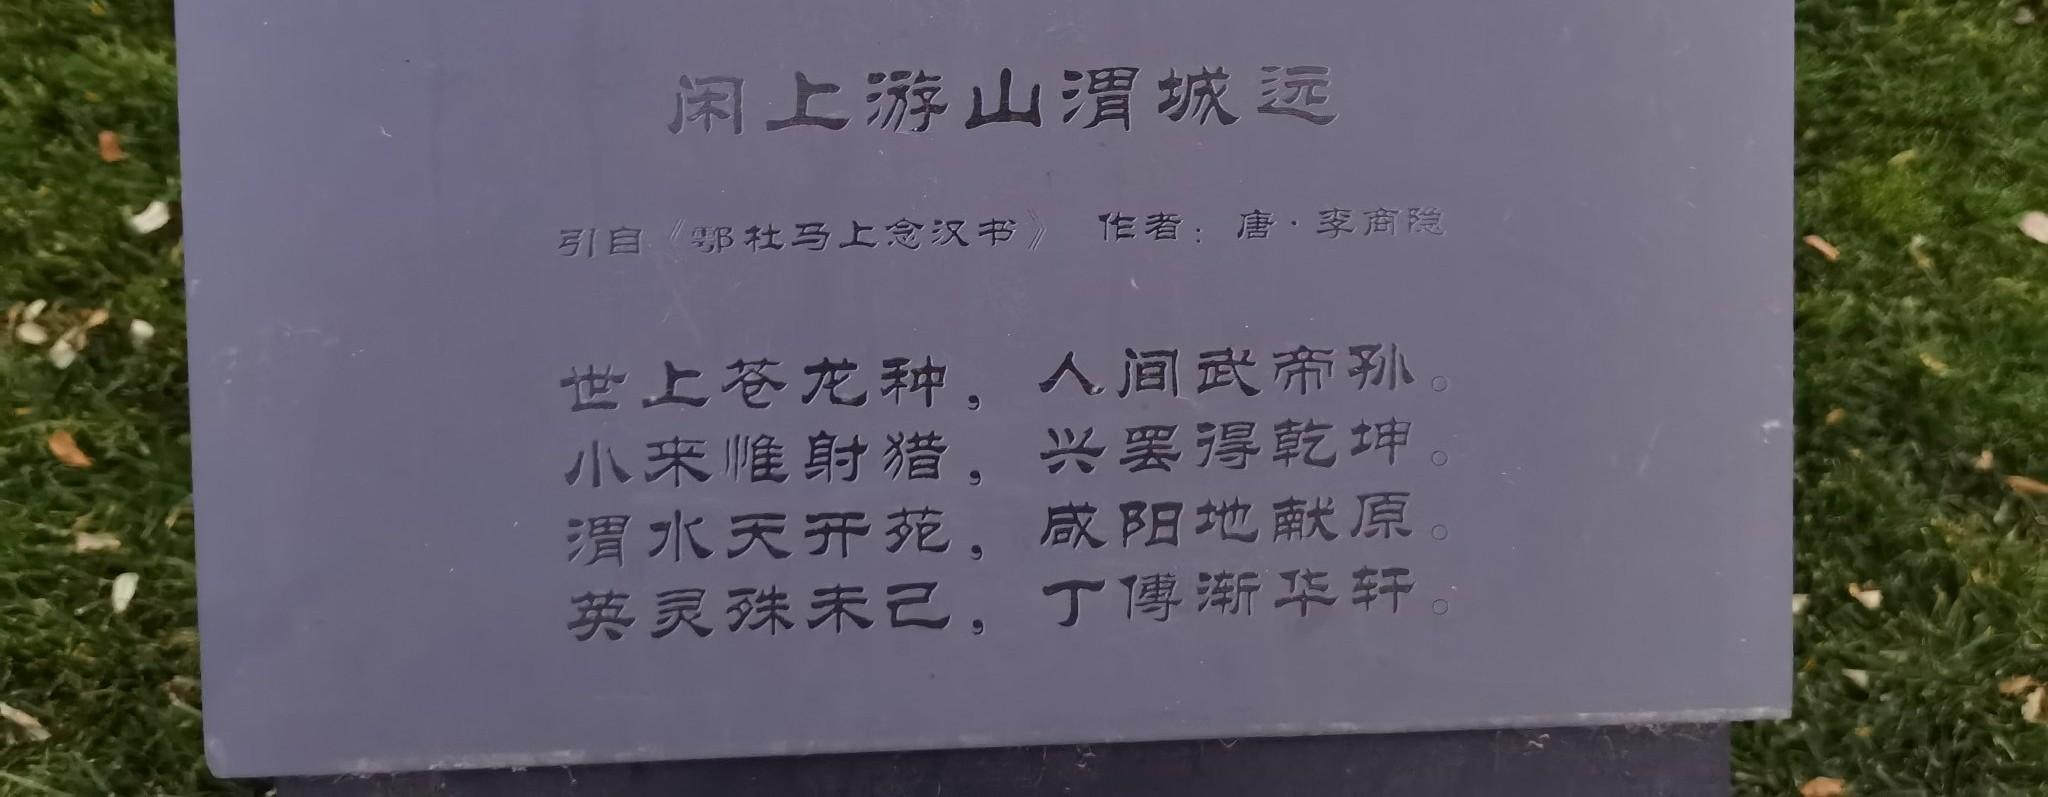 西安的皇家陵寝—杜陵(2)